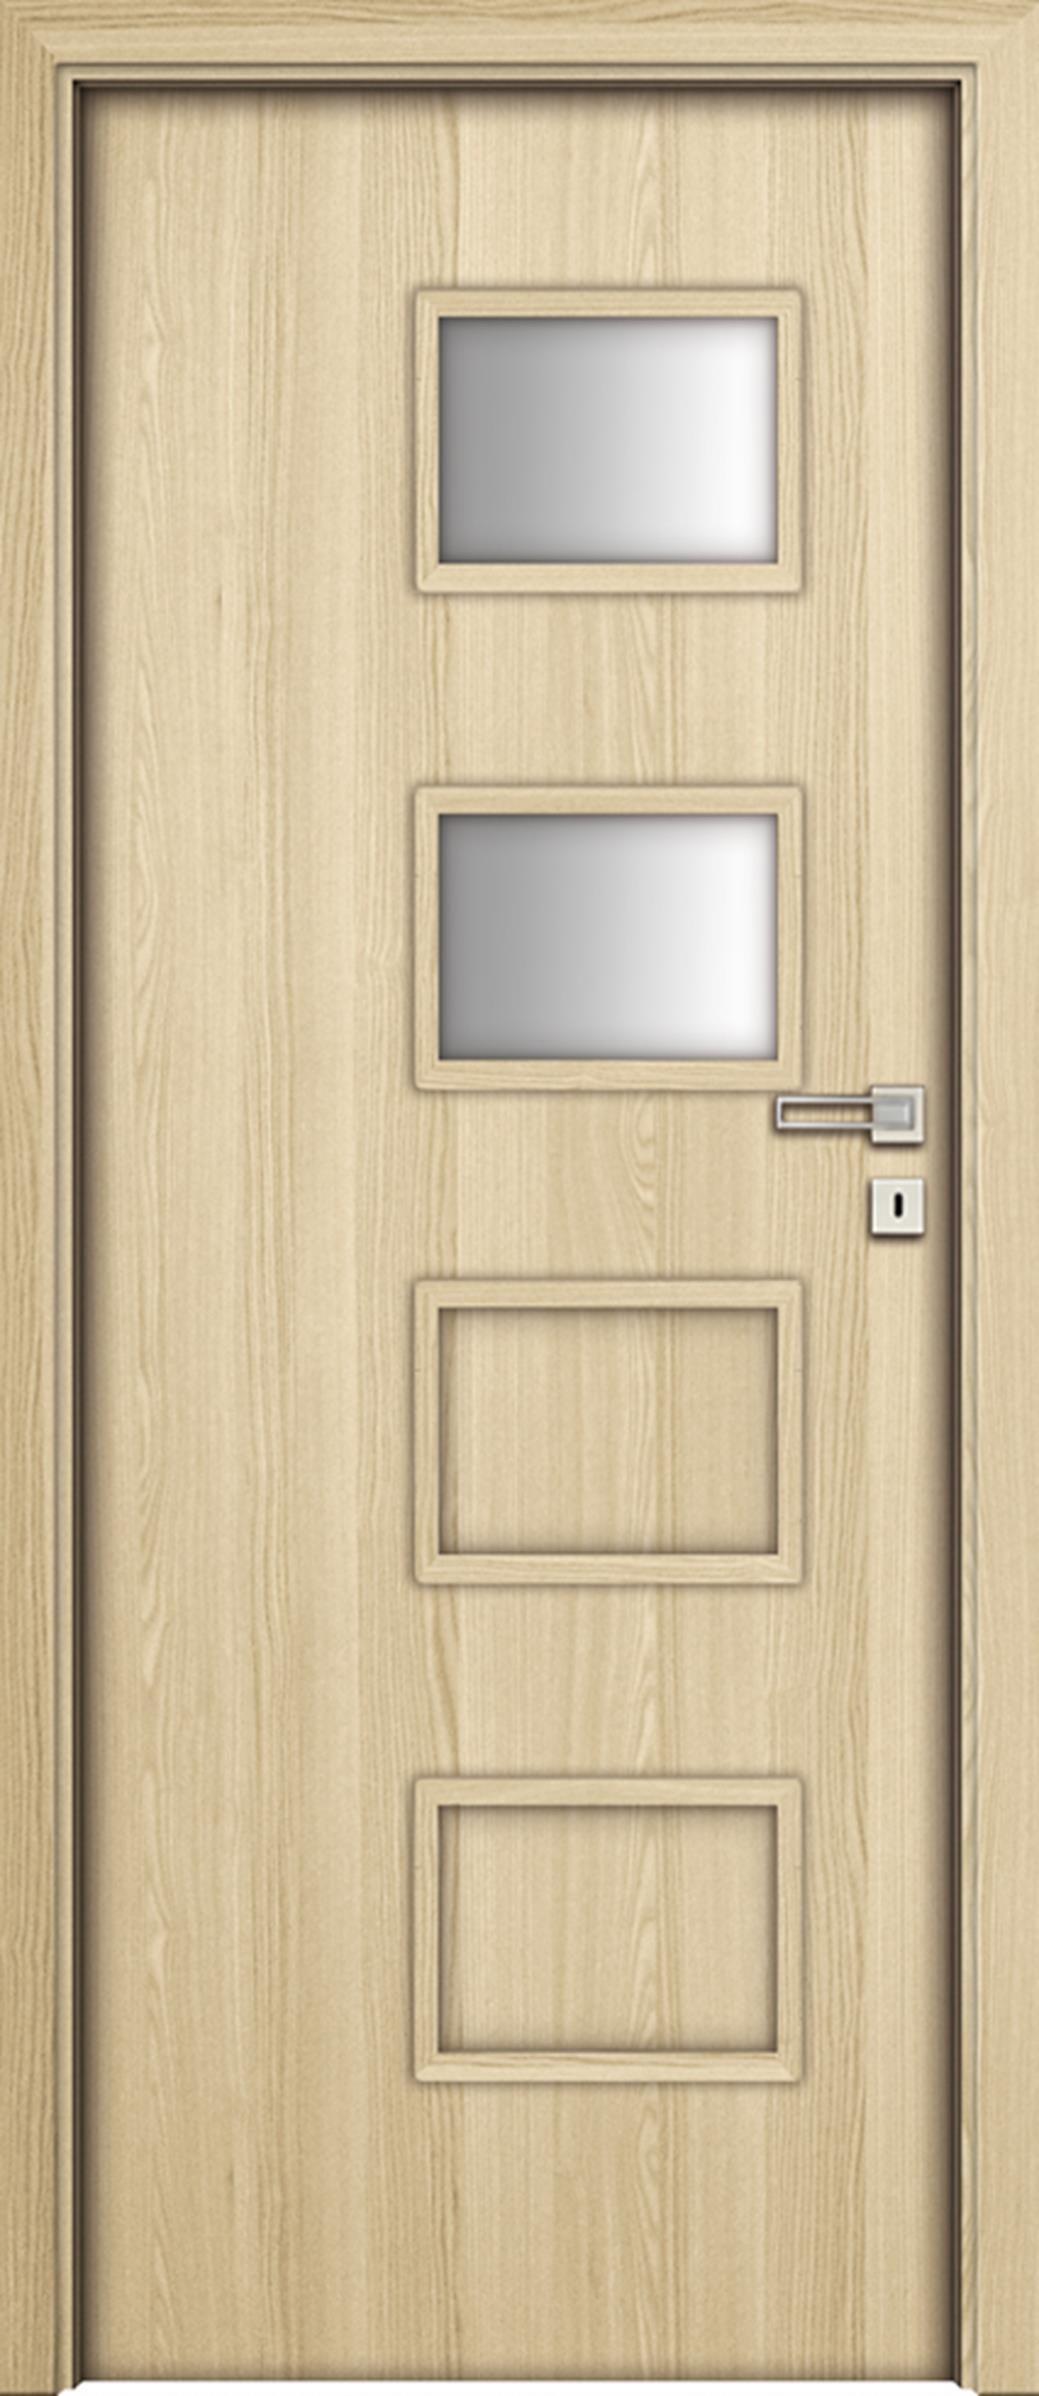 Drzwi dąb